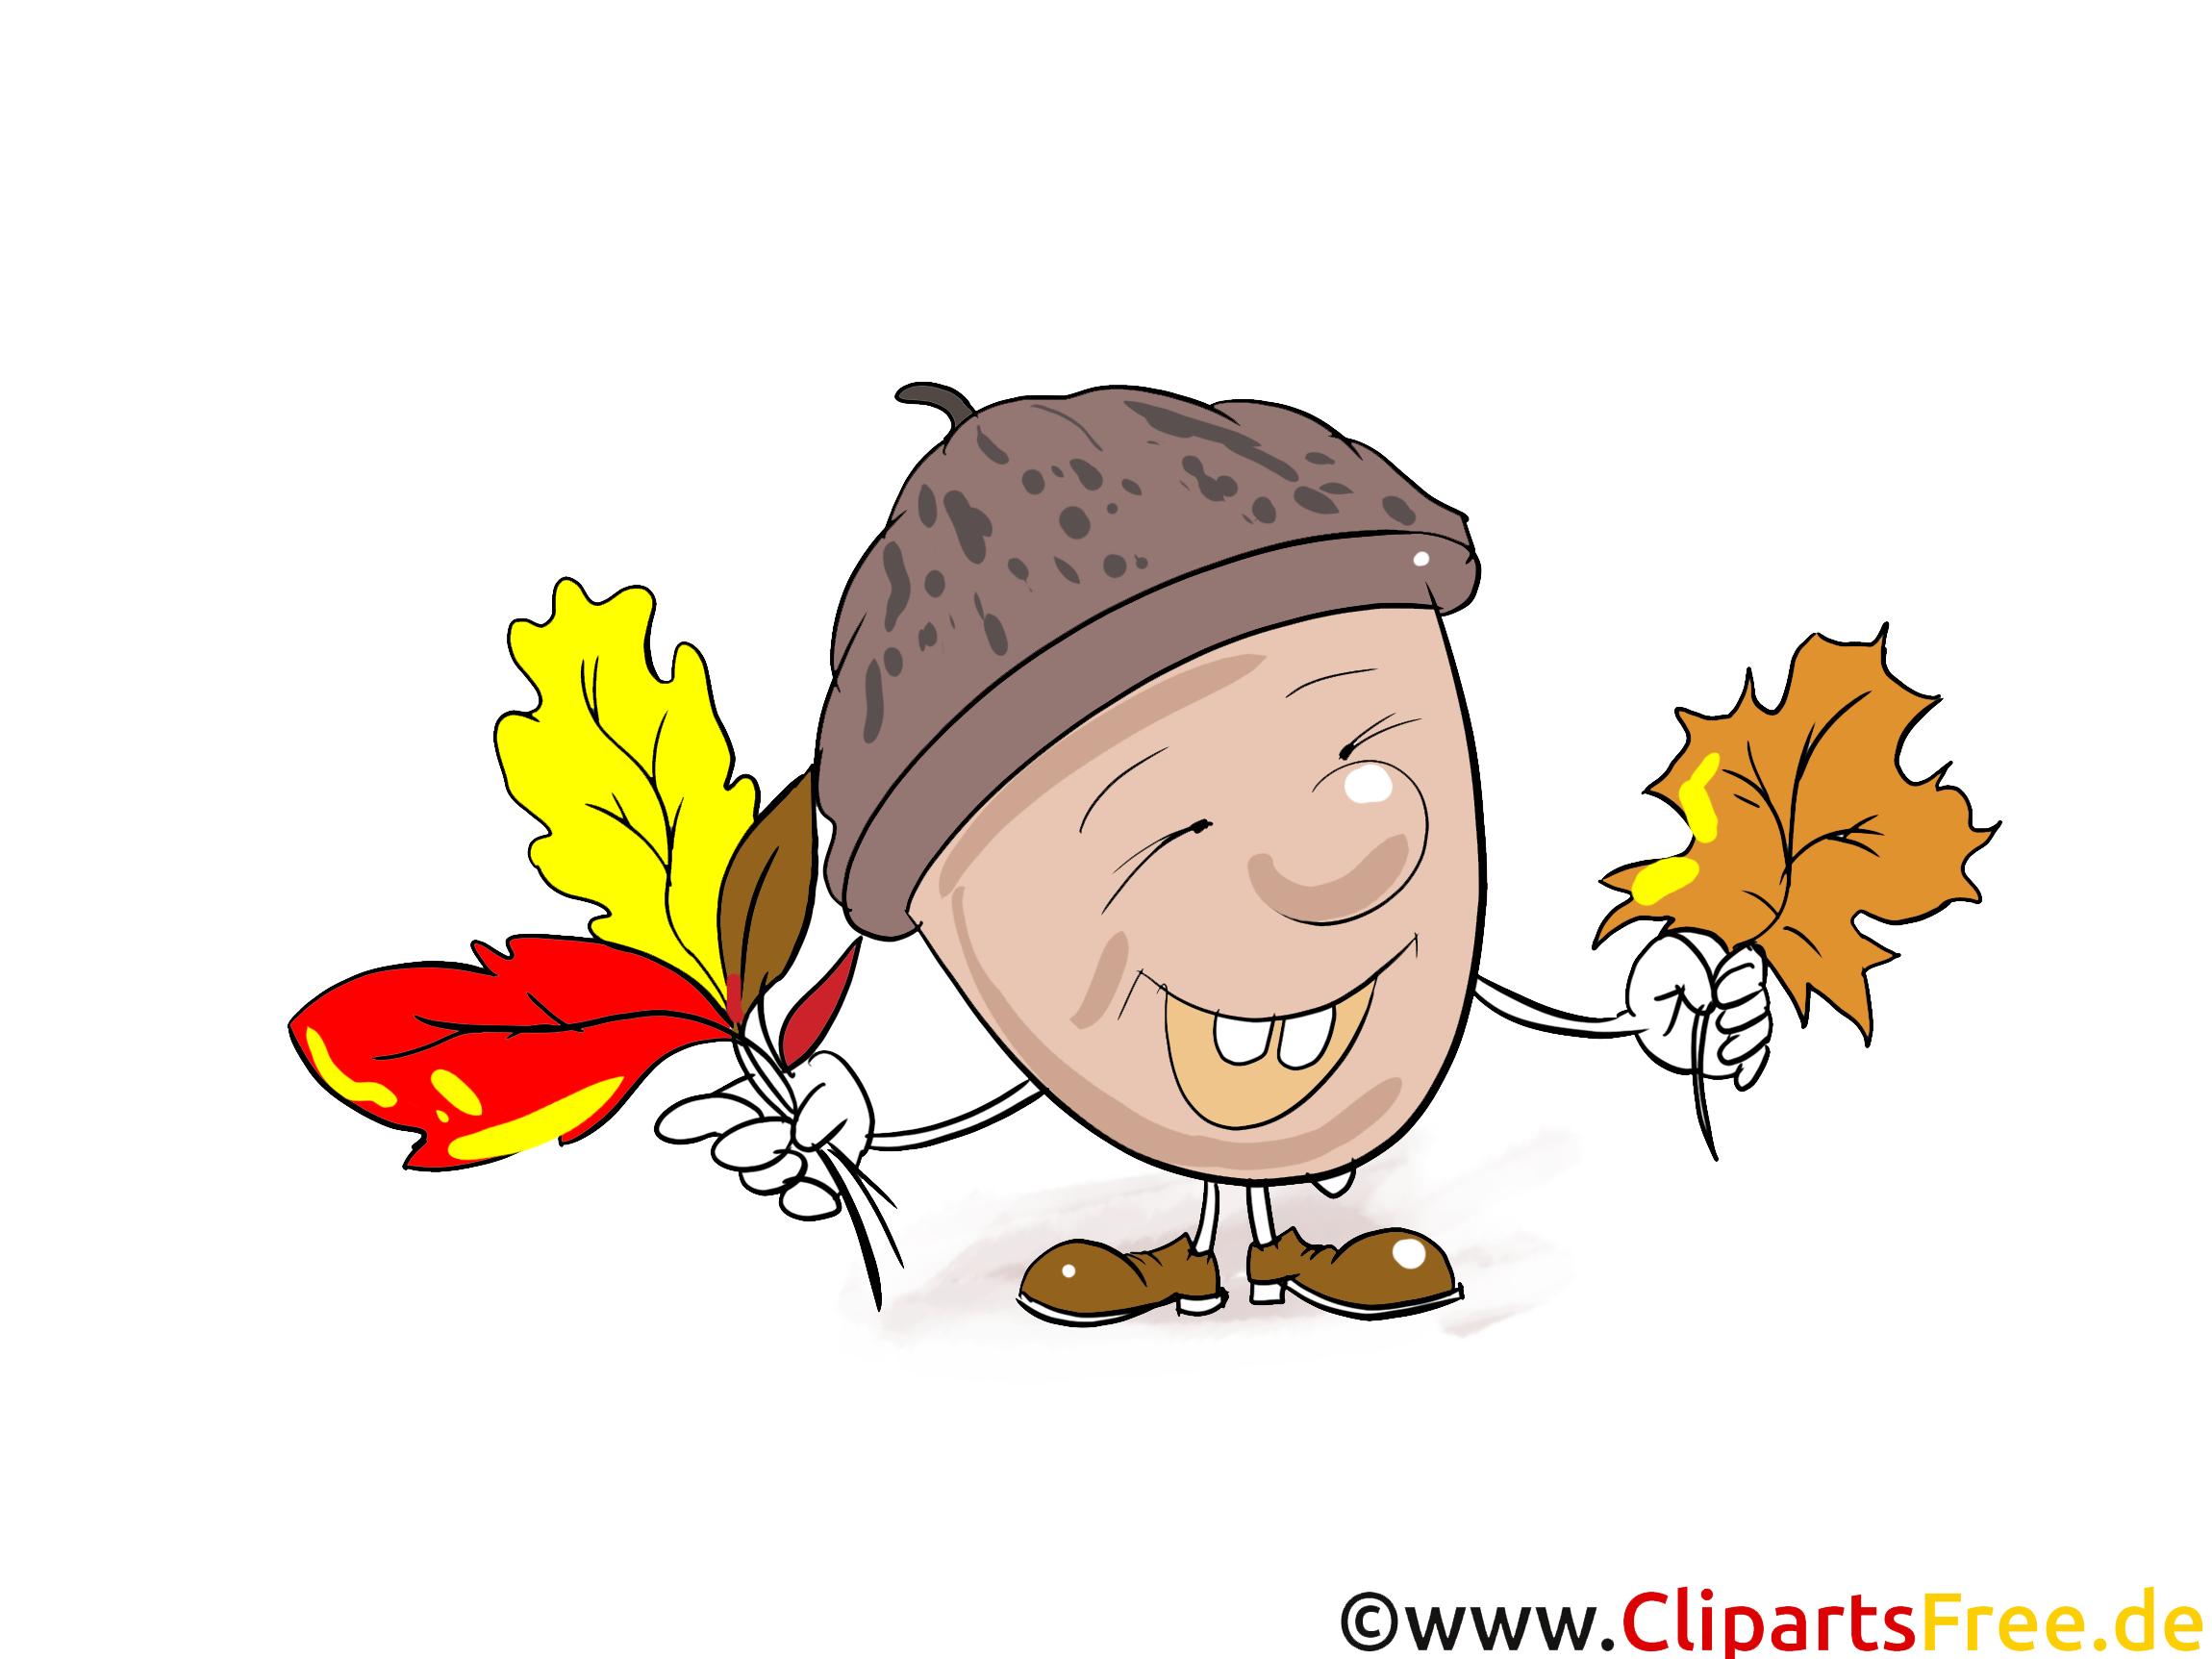 Eichel Clipart, Bild, Grafik, Comic, Cartoon gratis